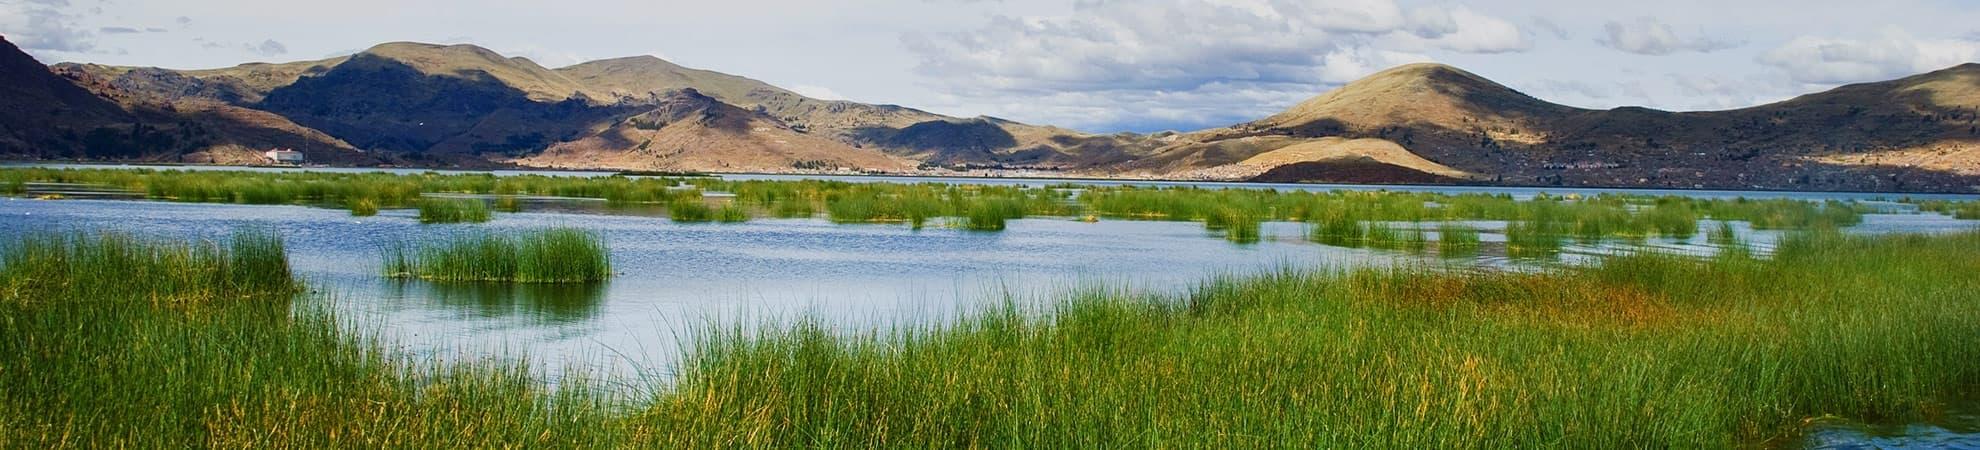 Voyage Les parcs nationaux de la Bolivie